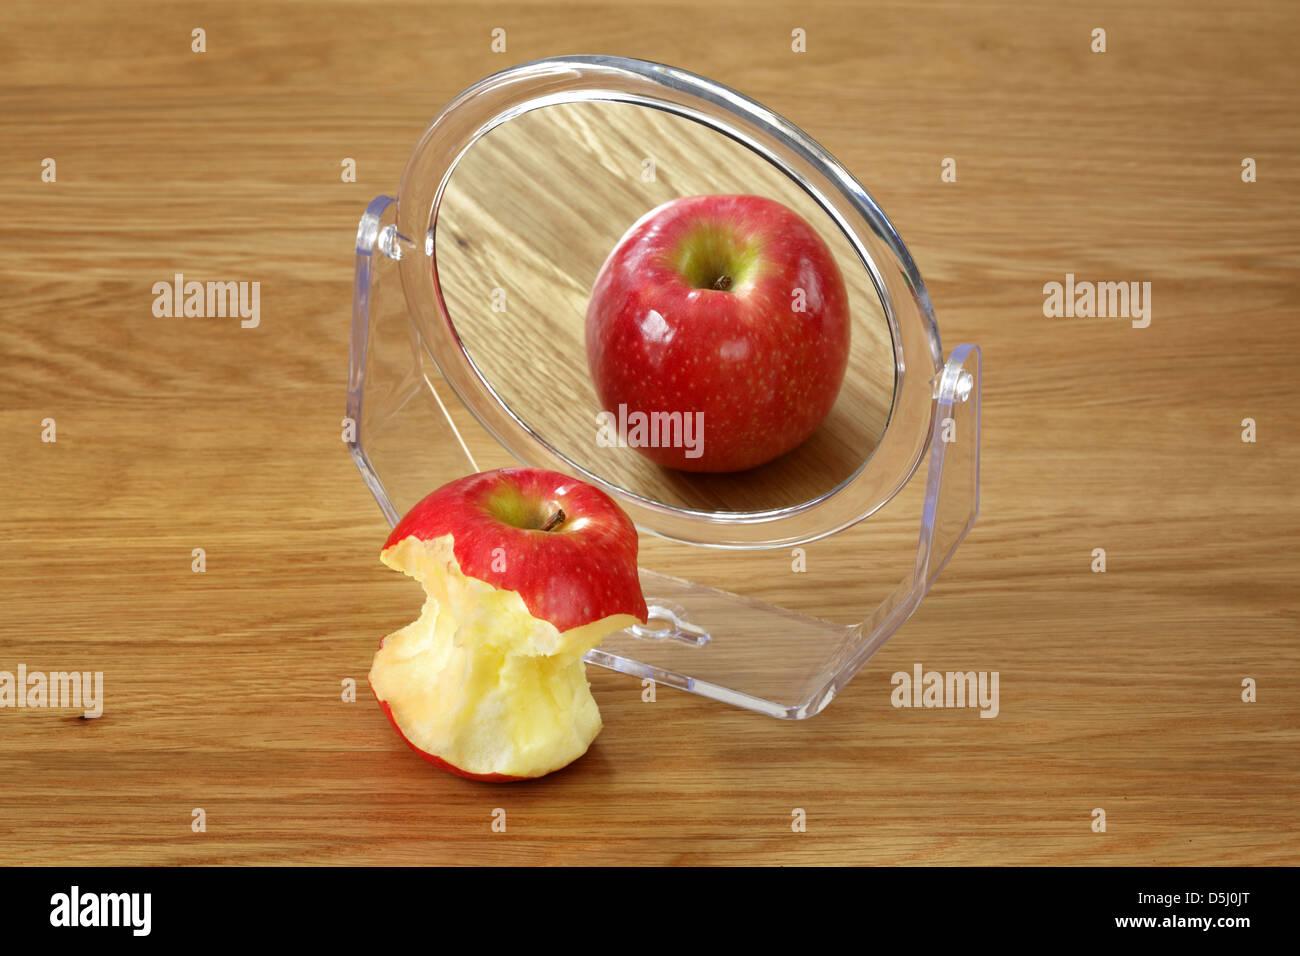 Eating disorder - Stock Image